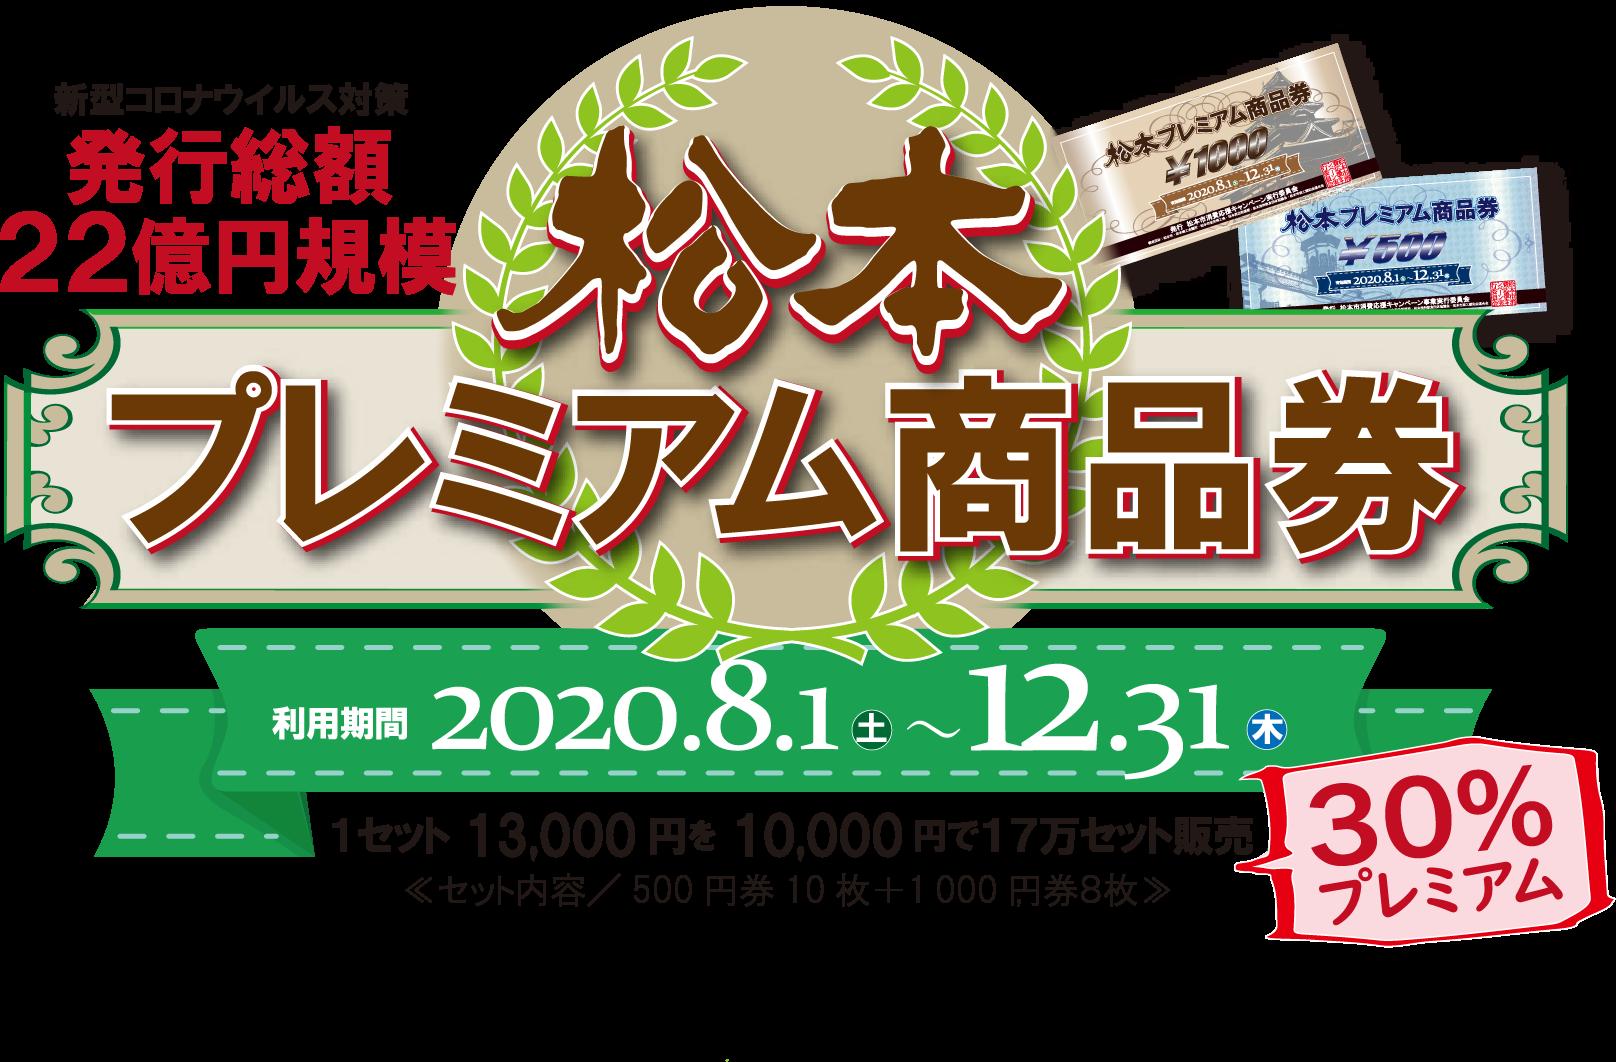 「松本プレミアム商品券」ご利用頂けます。